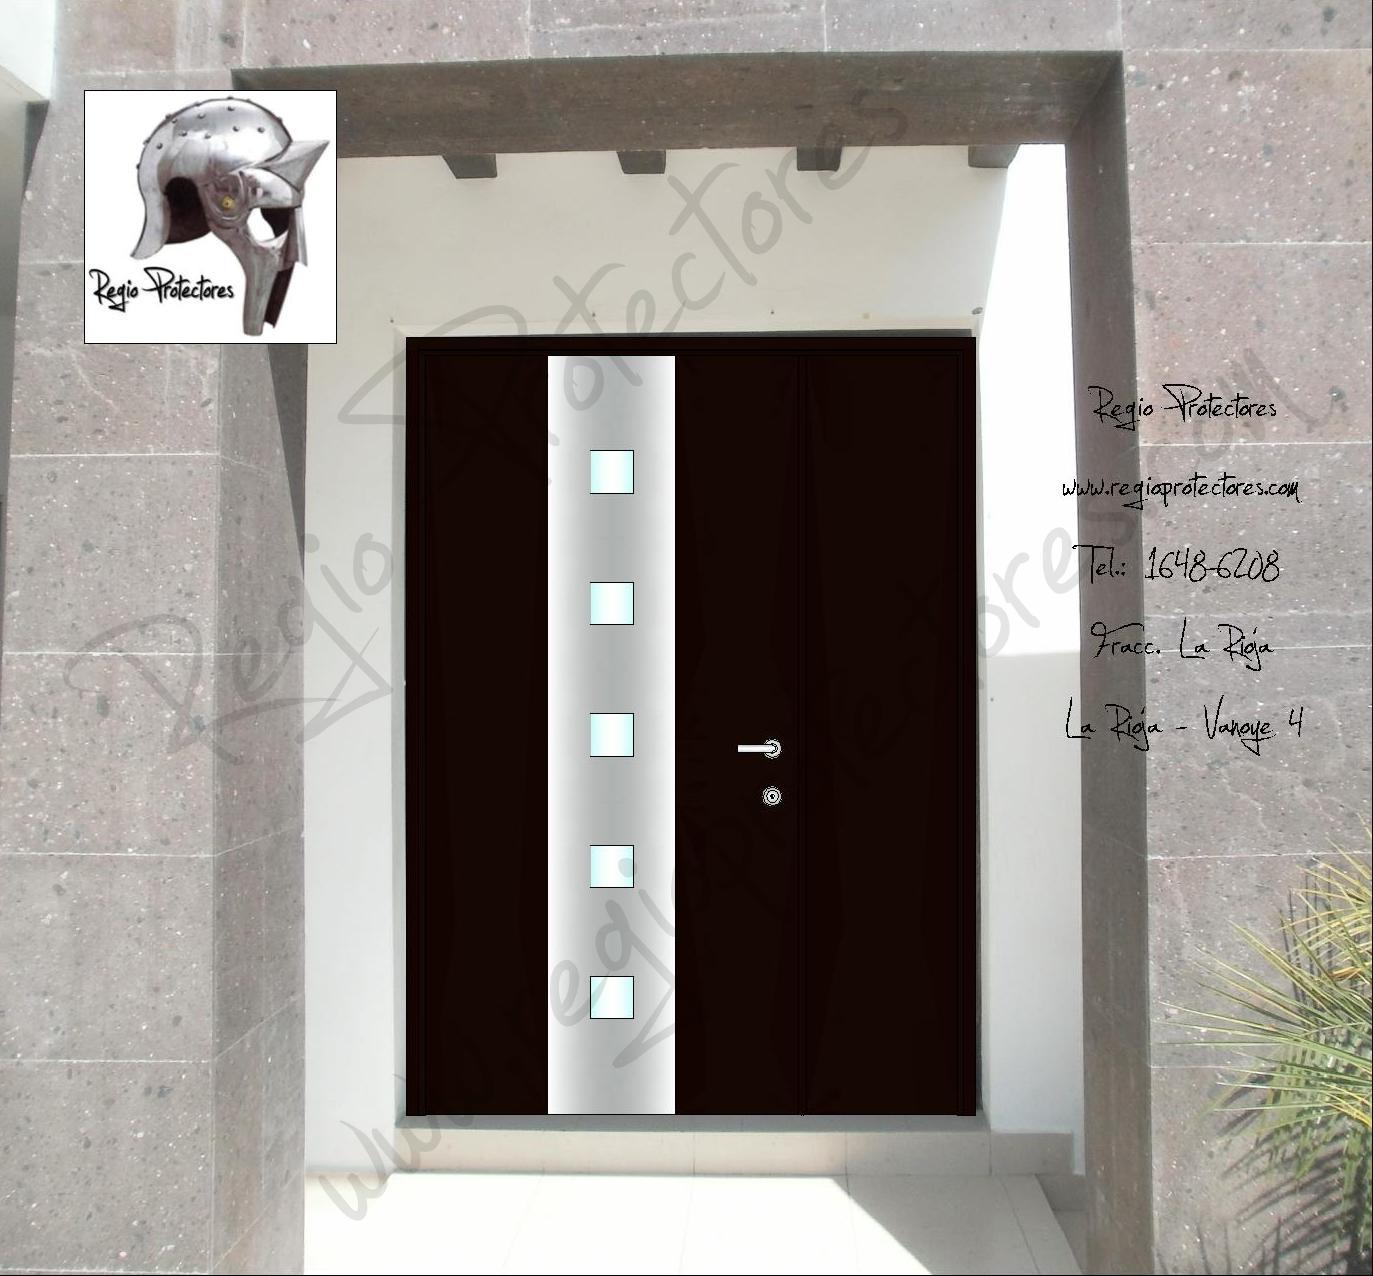 Fotos de puertas principales for Puertas principales rusticas madera